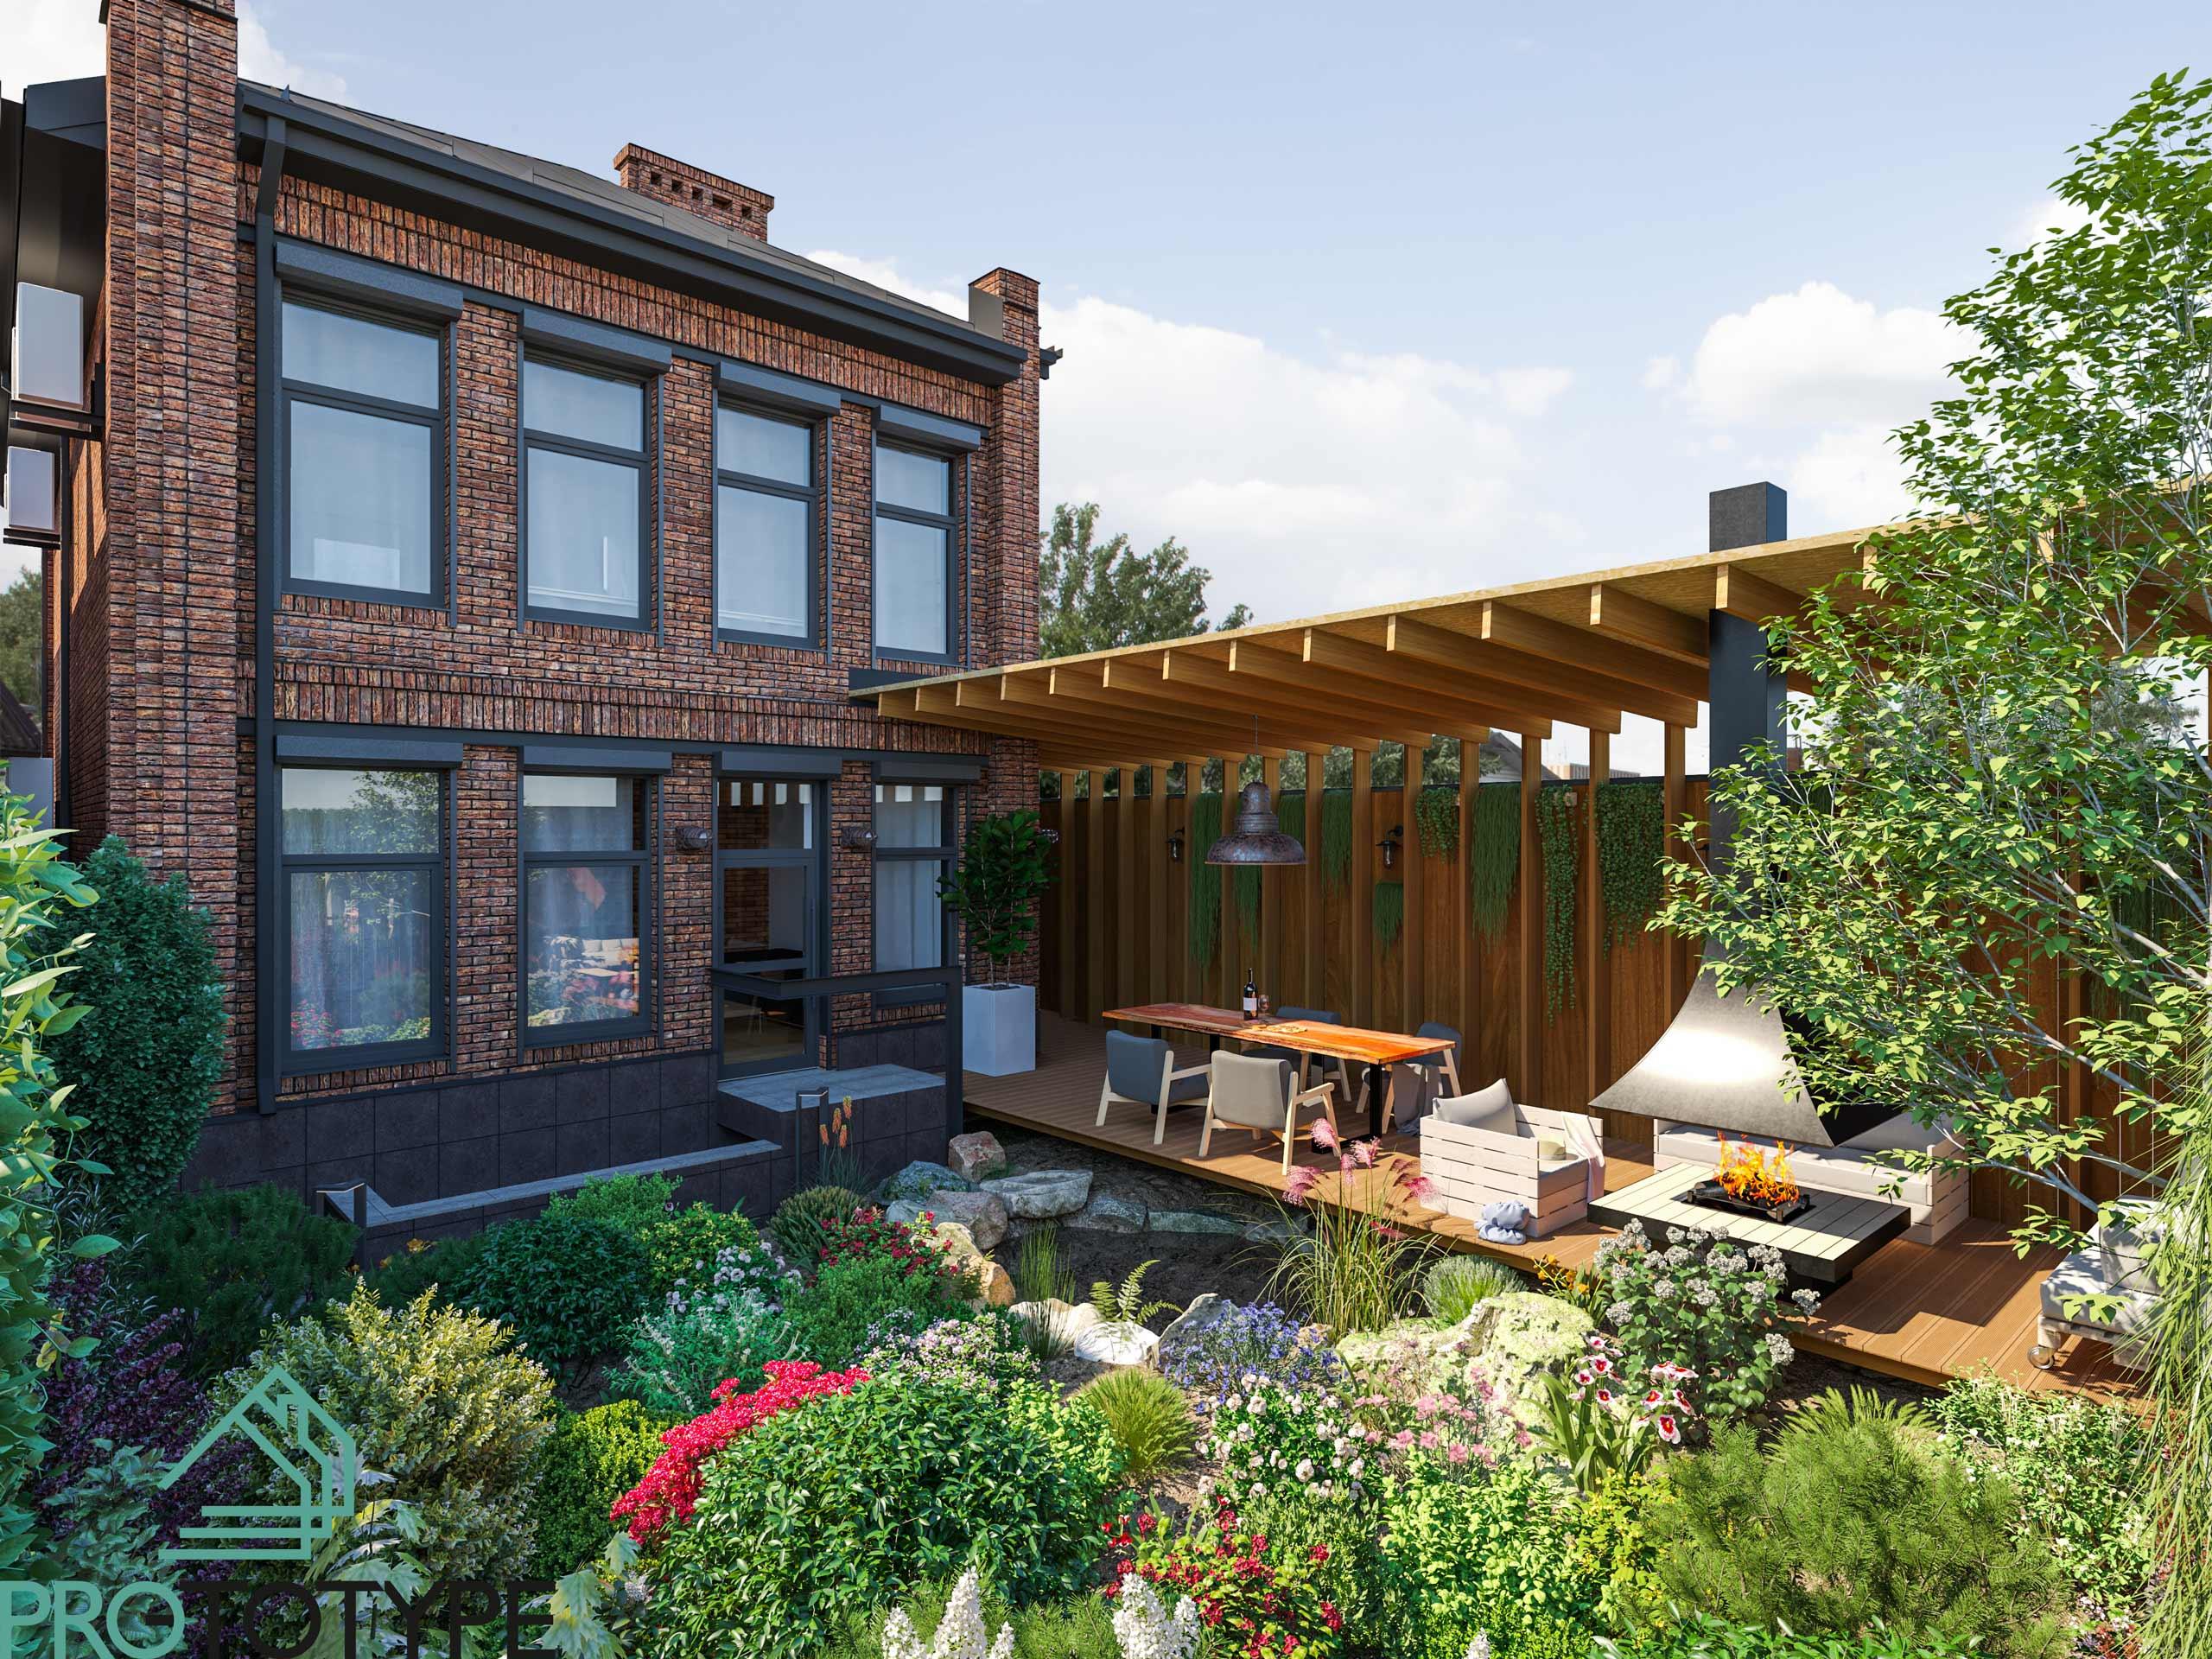 красивые дома - Архитектура лофта и ландшафт природы